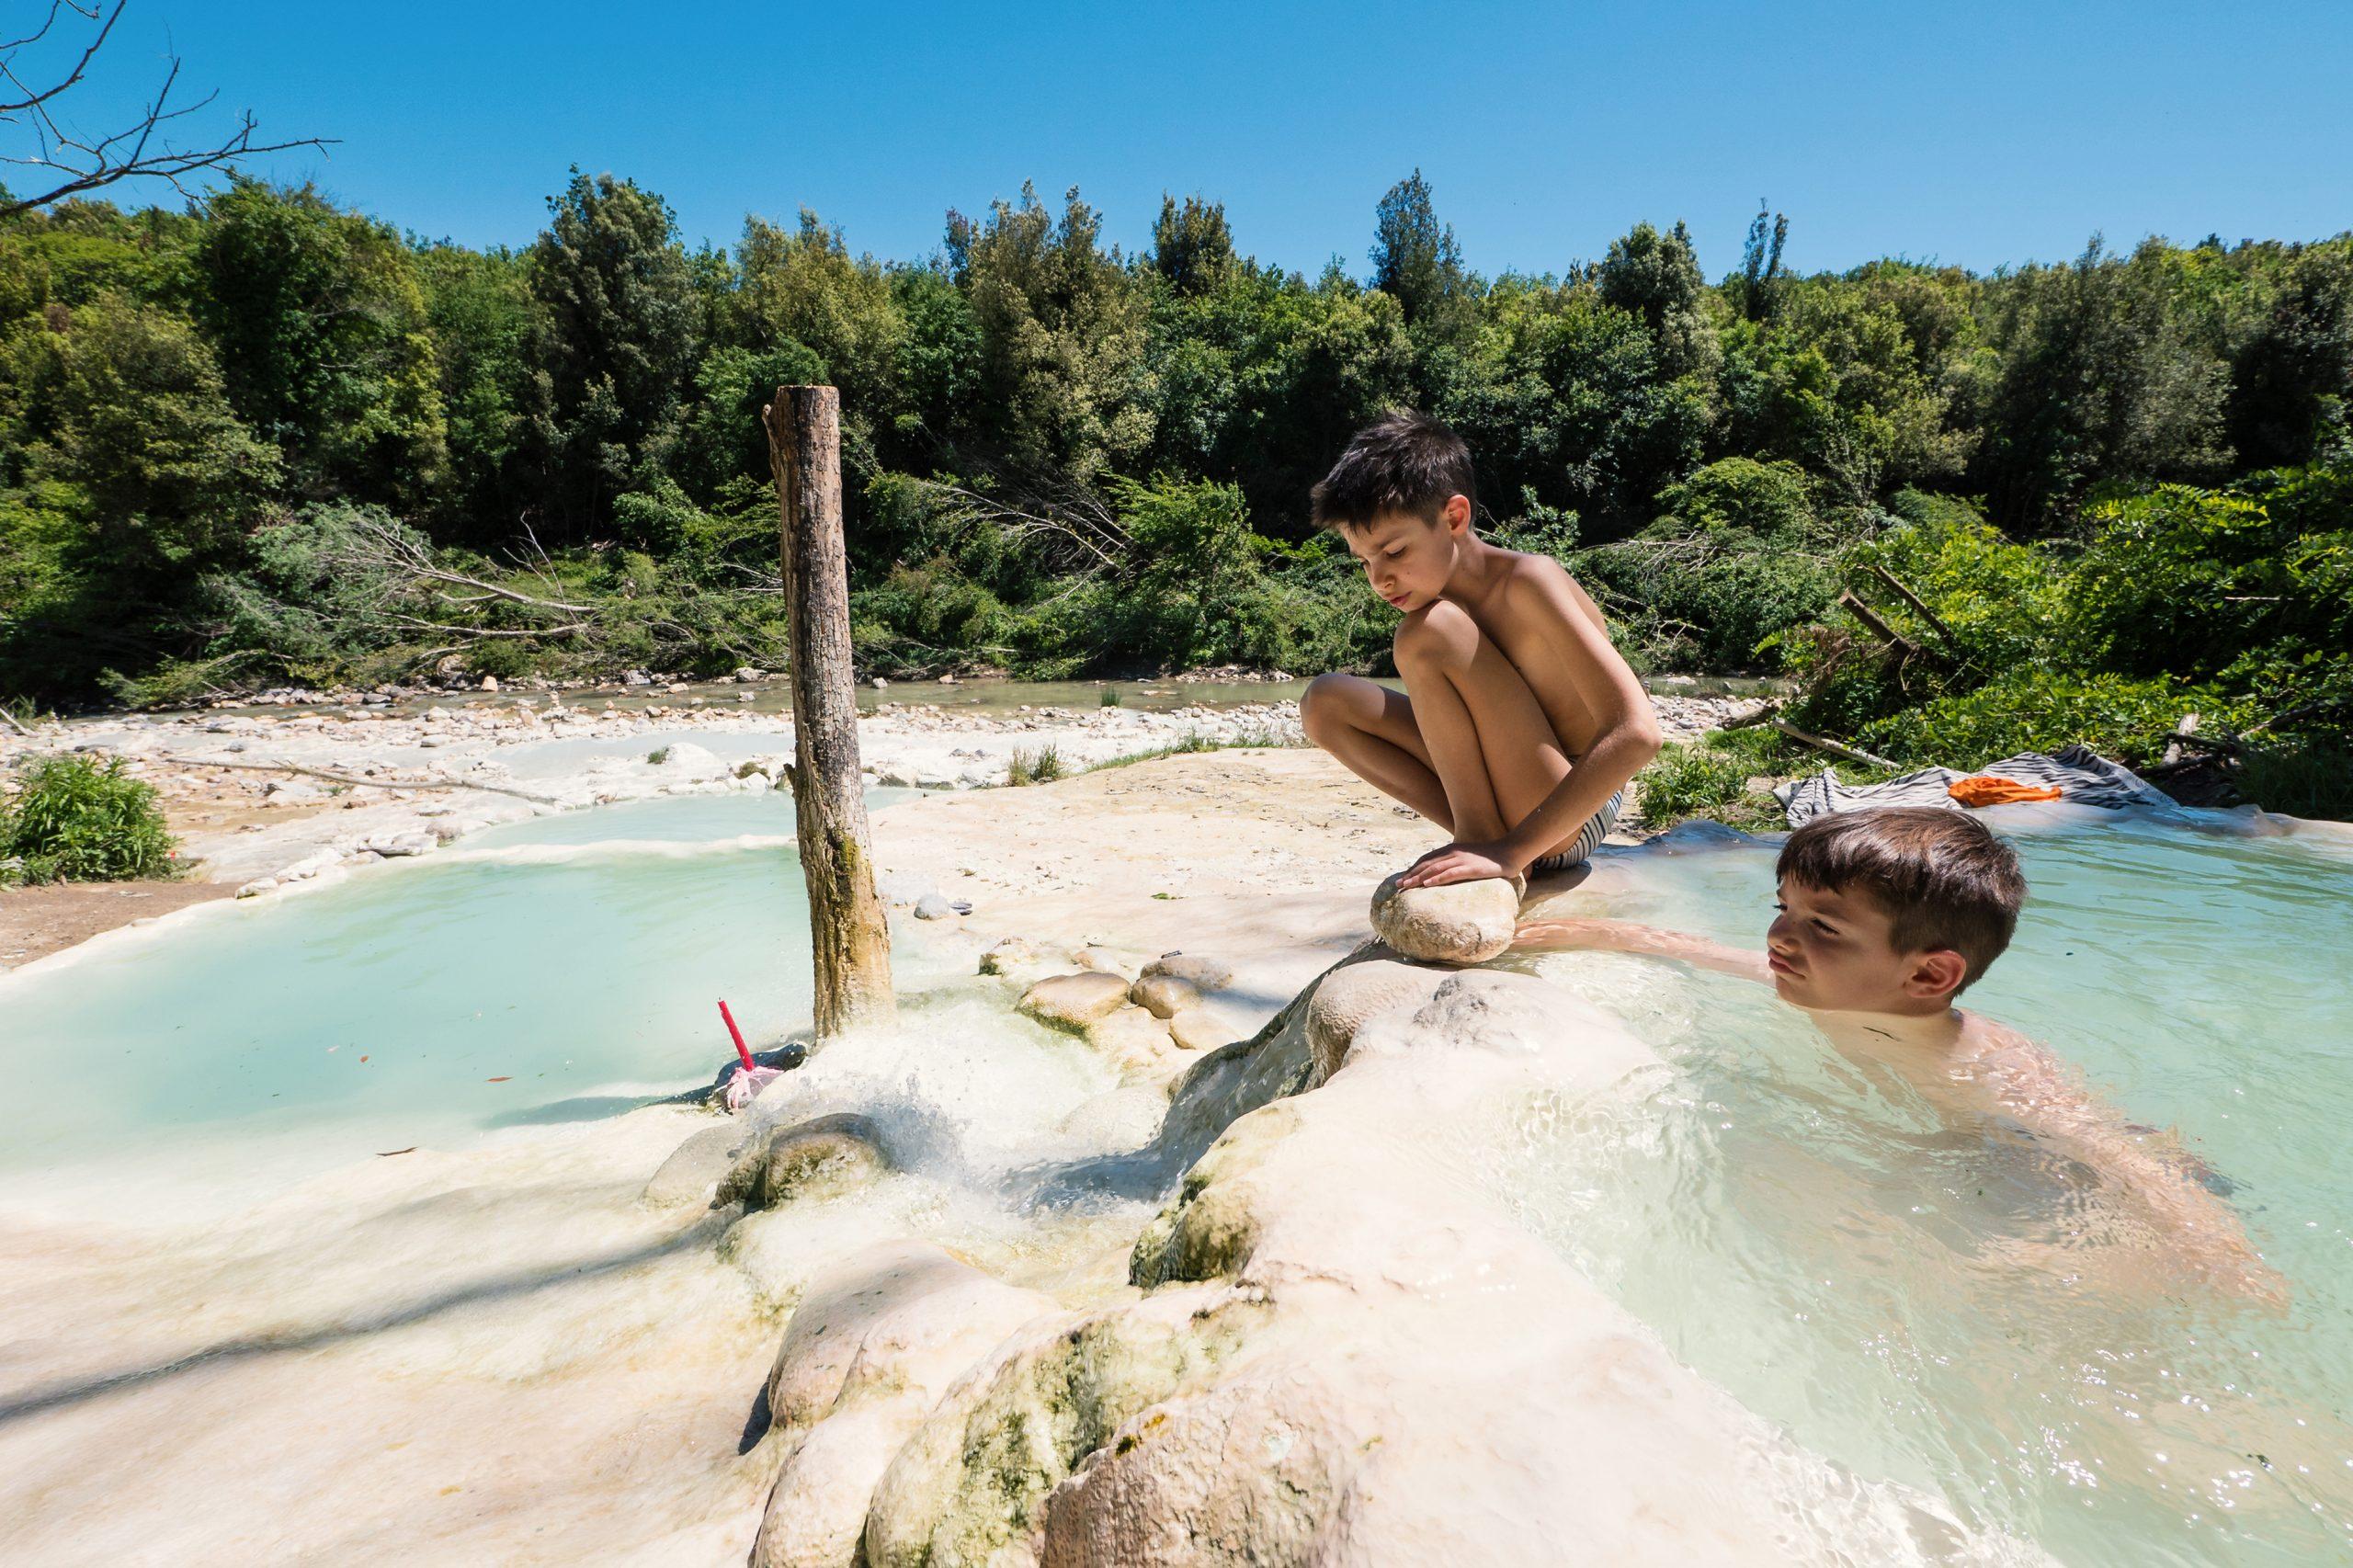 Warmwaterbronnen Italië natuur